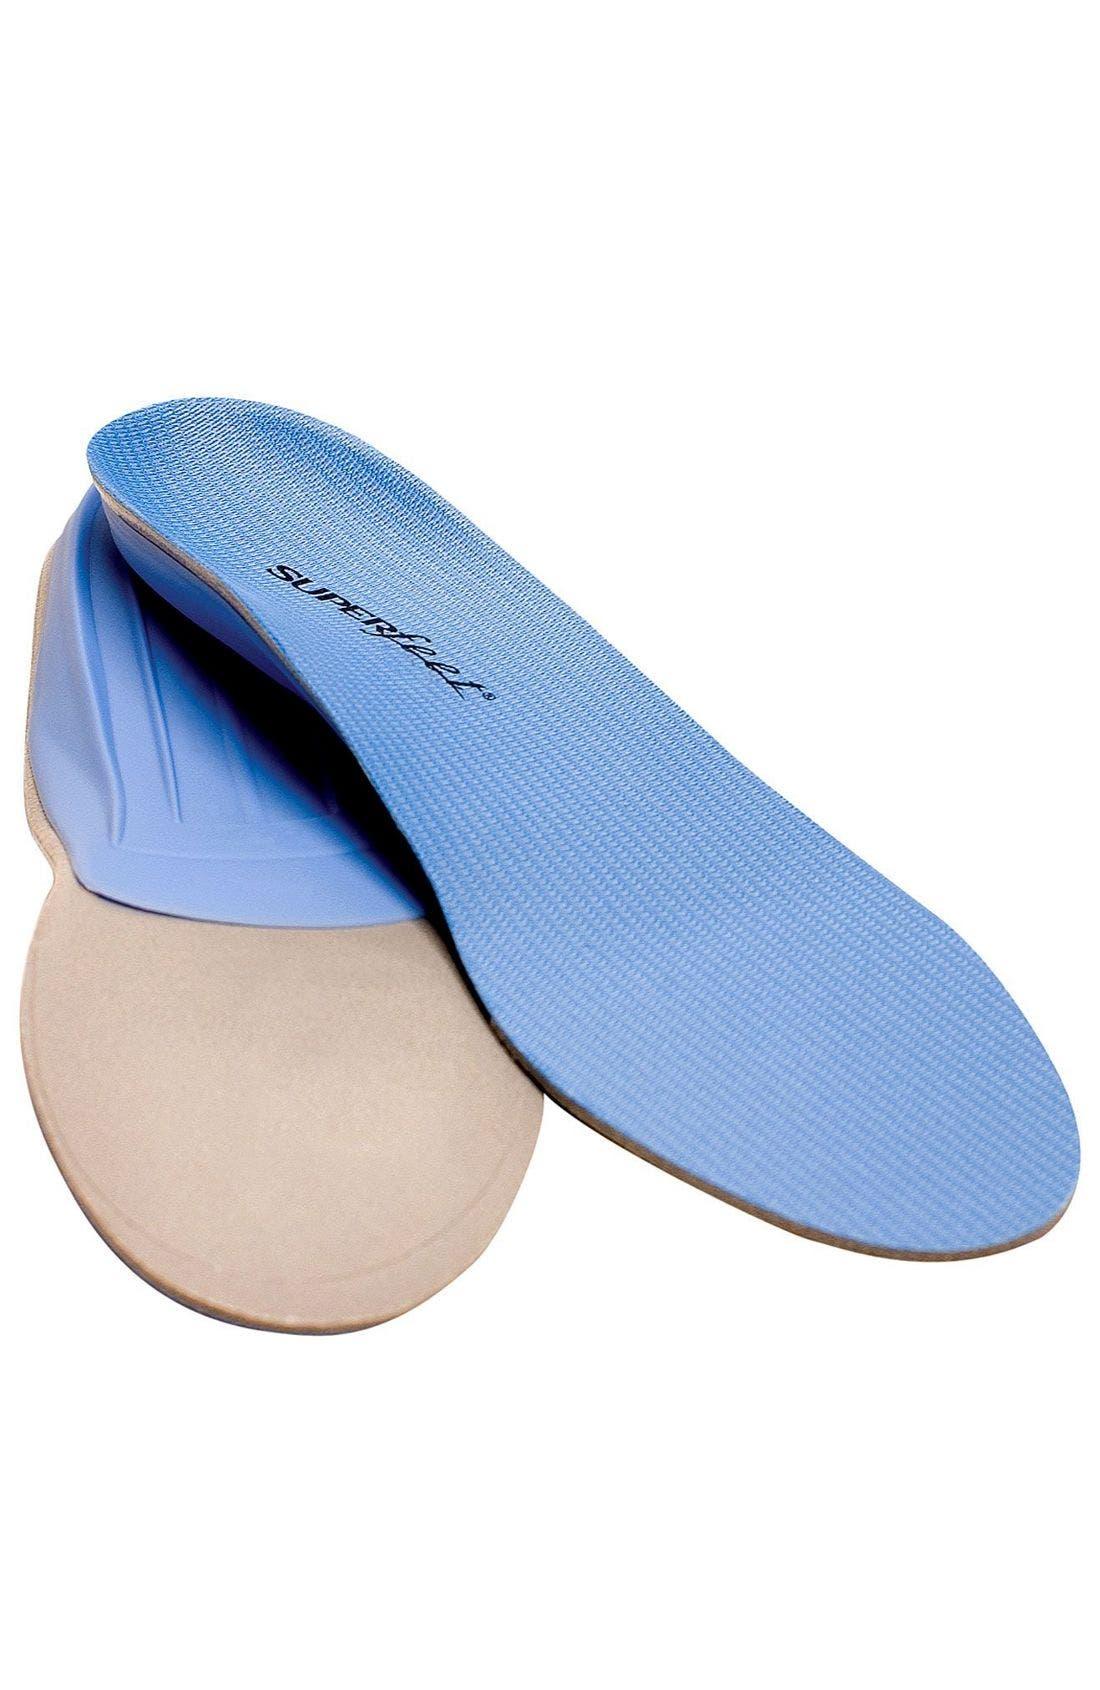 Superfeet 'Active Blue' Insoles (Women)